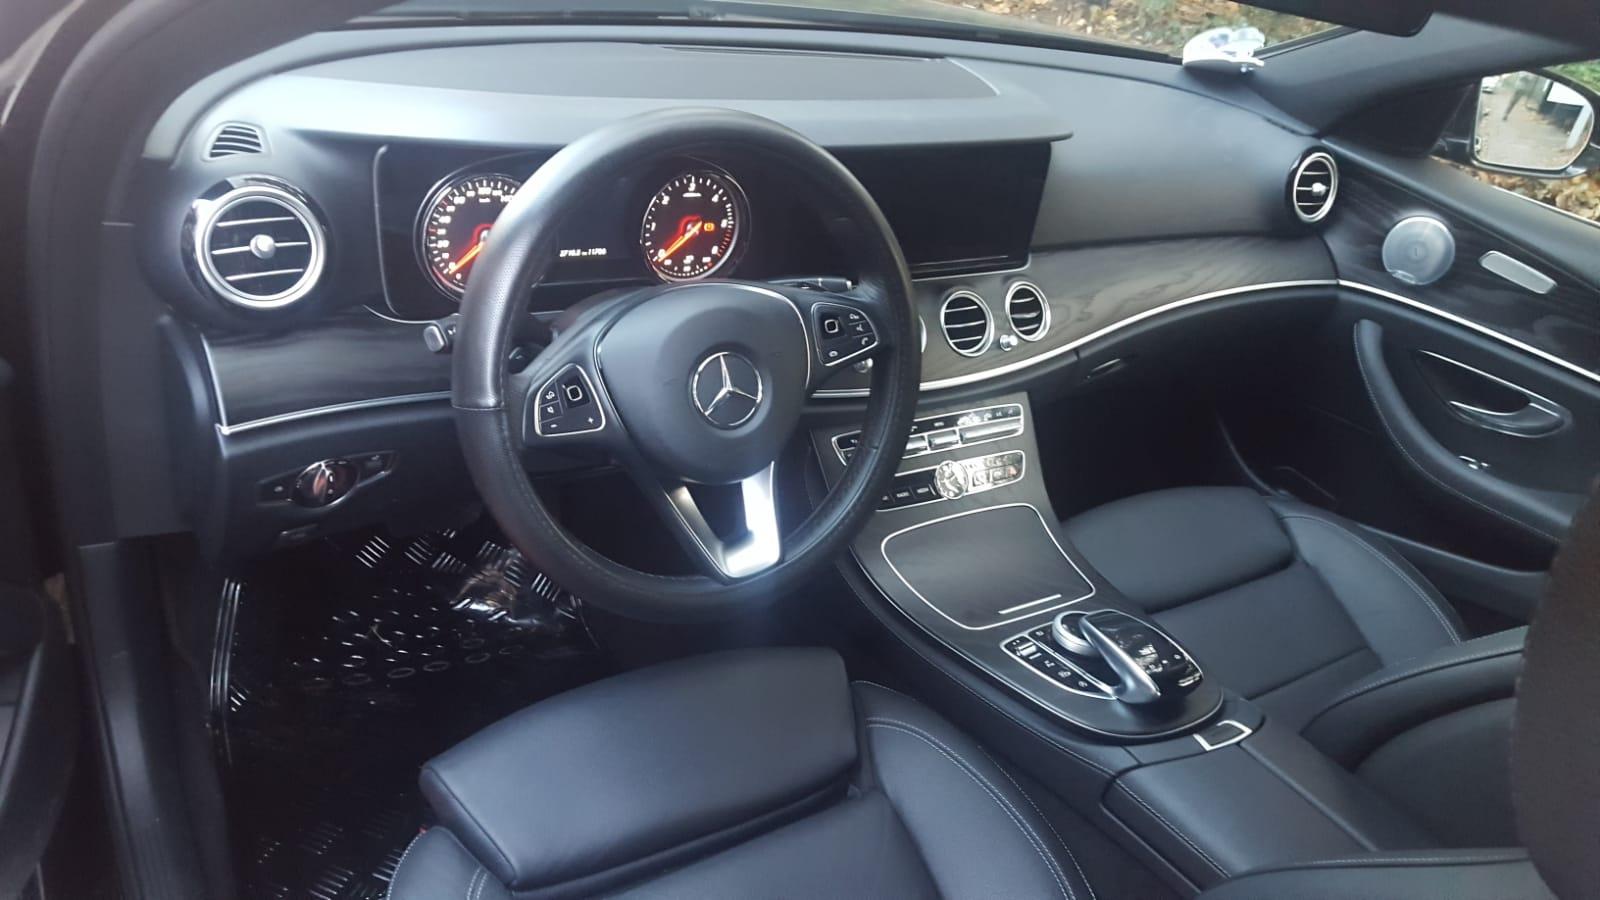 Mercdes-Benz-E-class-interior